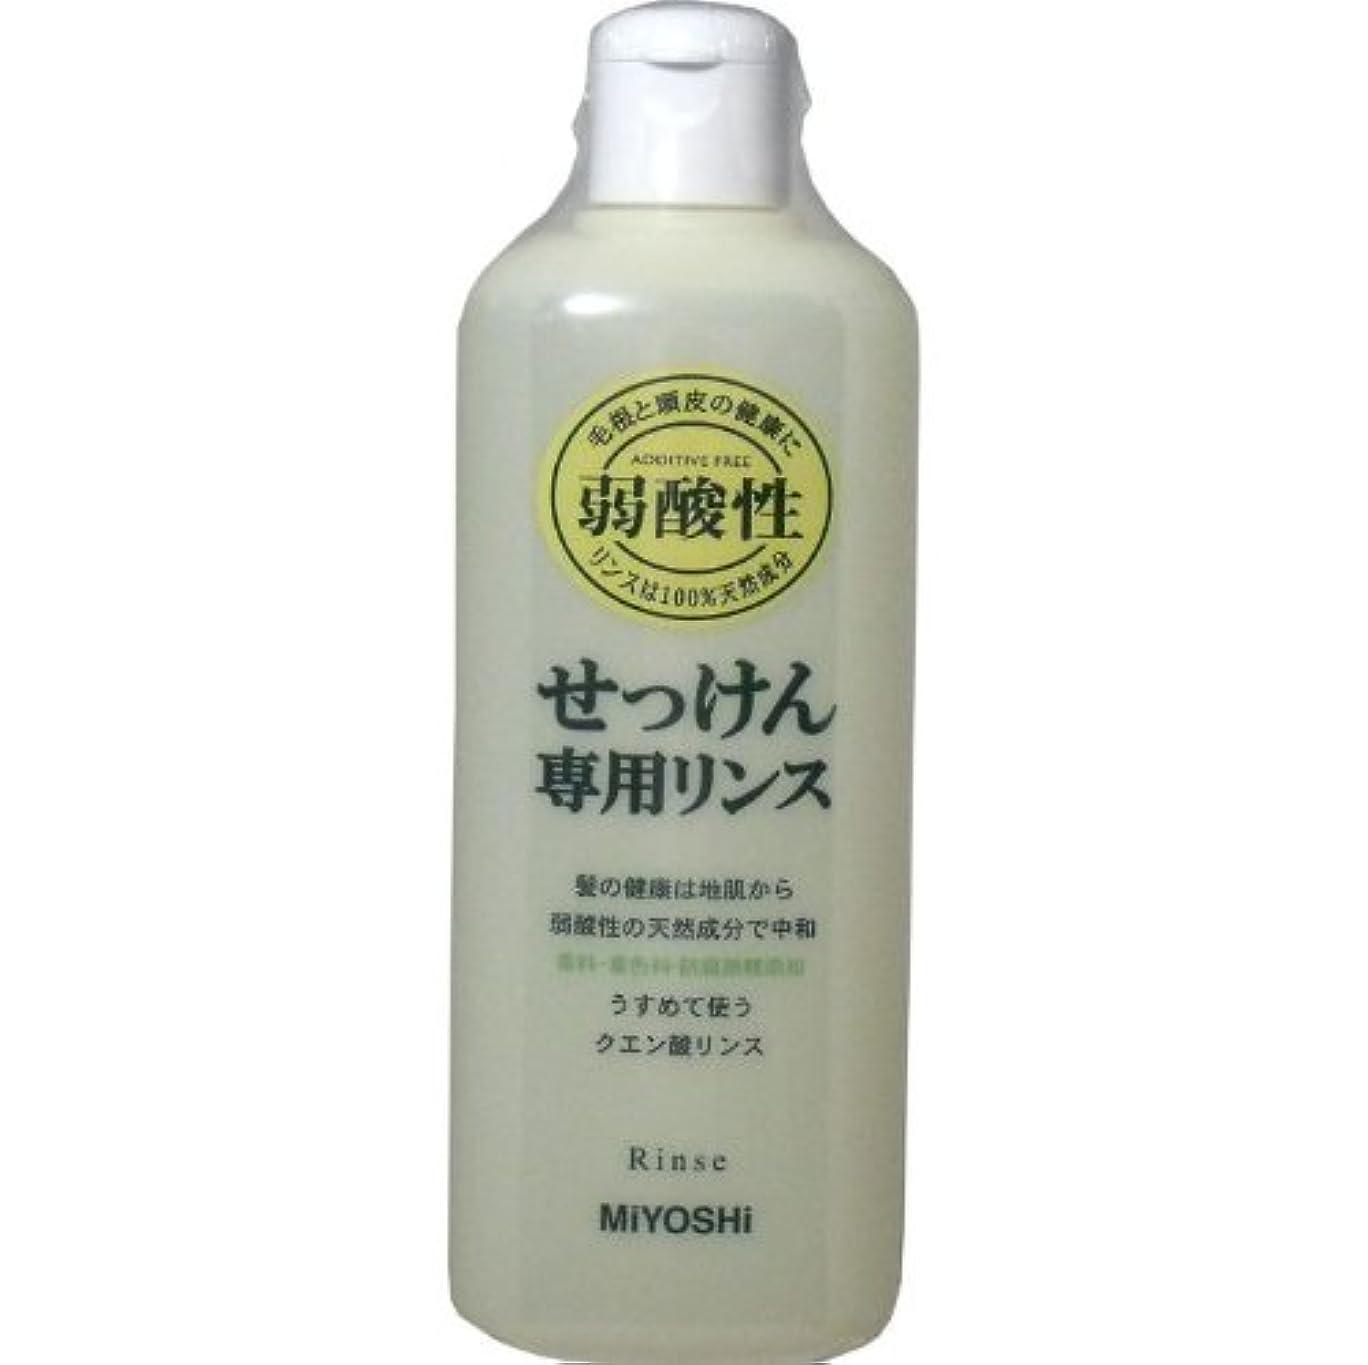 わかりやすいブルジョンリア王髪の健康は地肌から、弱酸性の天然成分で中和!!香料、防腐剤、着色料無添加!うすめて使うクエン酸リンス!リンス 350mL【5個セット】